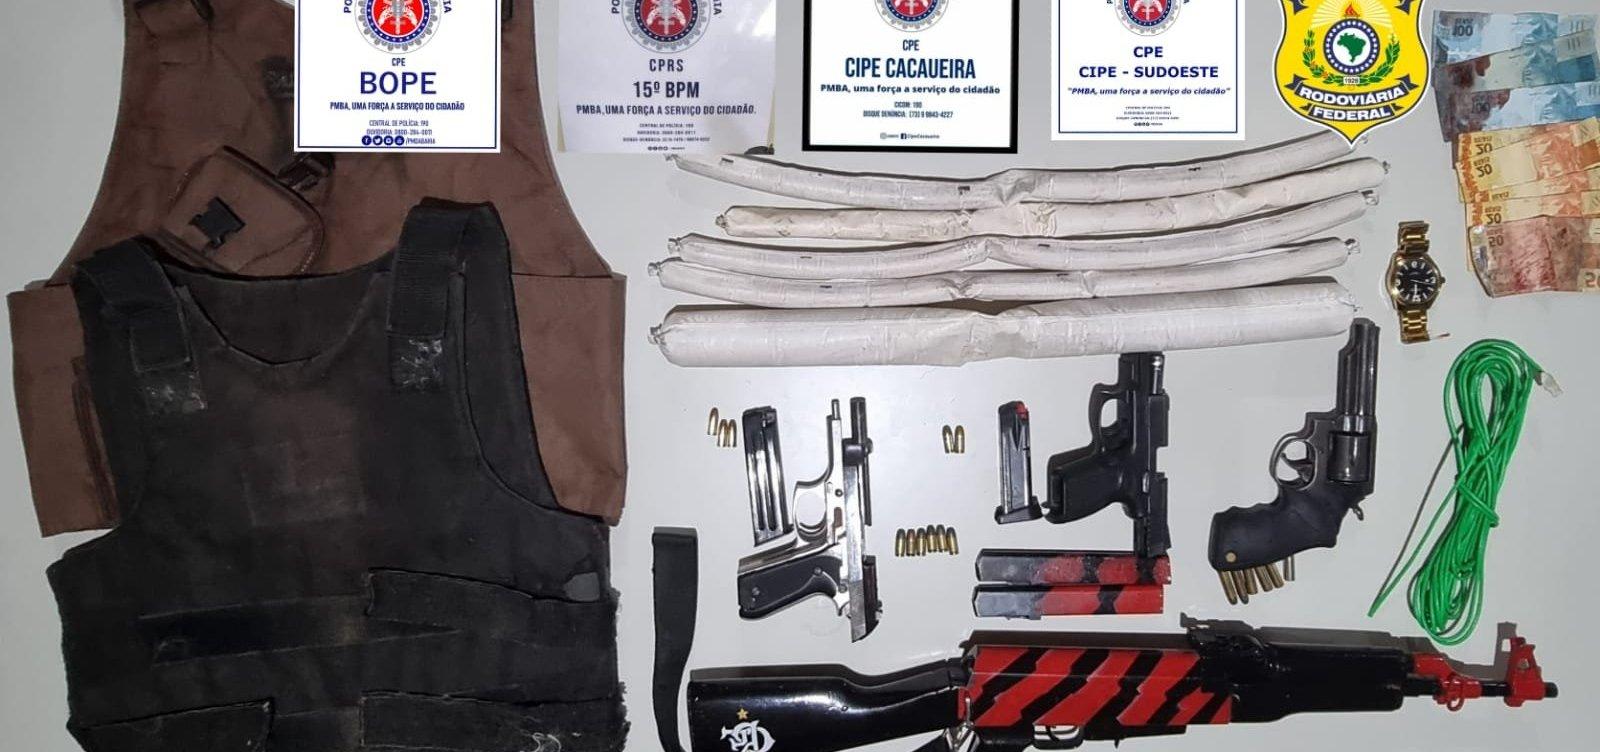 Quatro suspeitos de assalto a bancos são mortos após ação da polícia; armas e explosivos são apreendidos